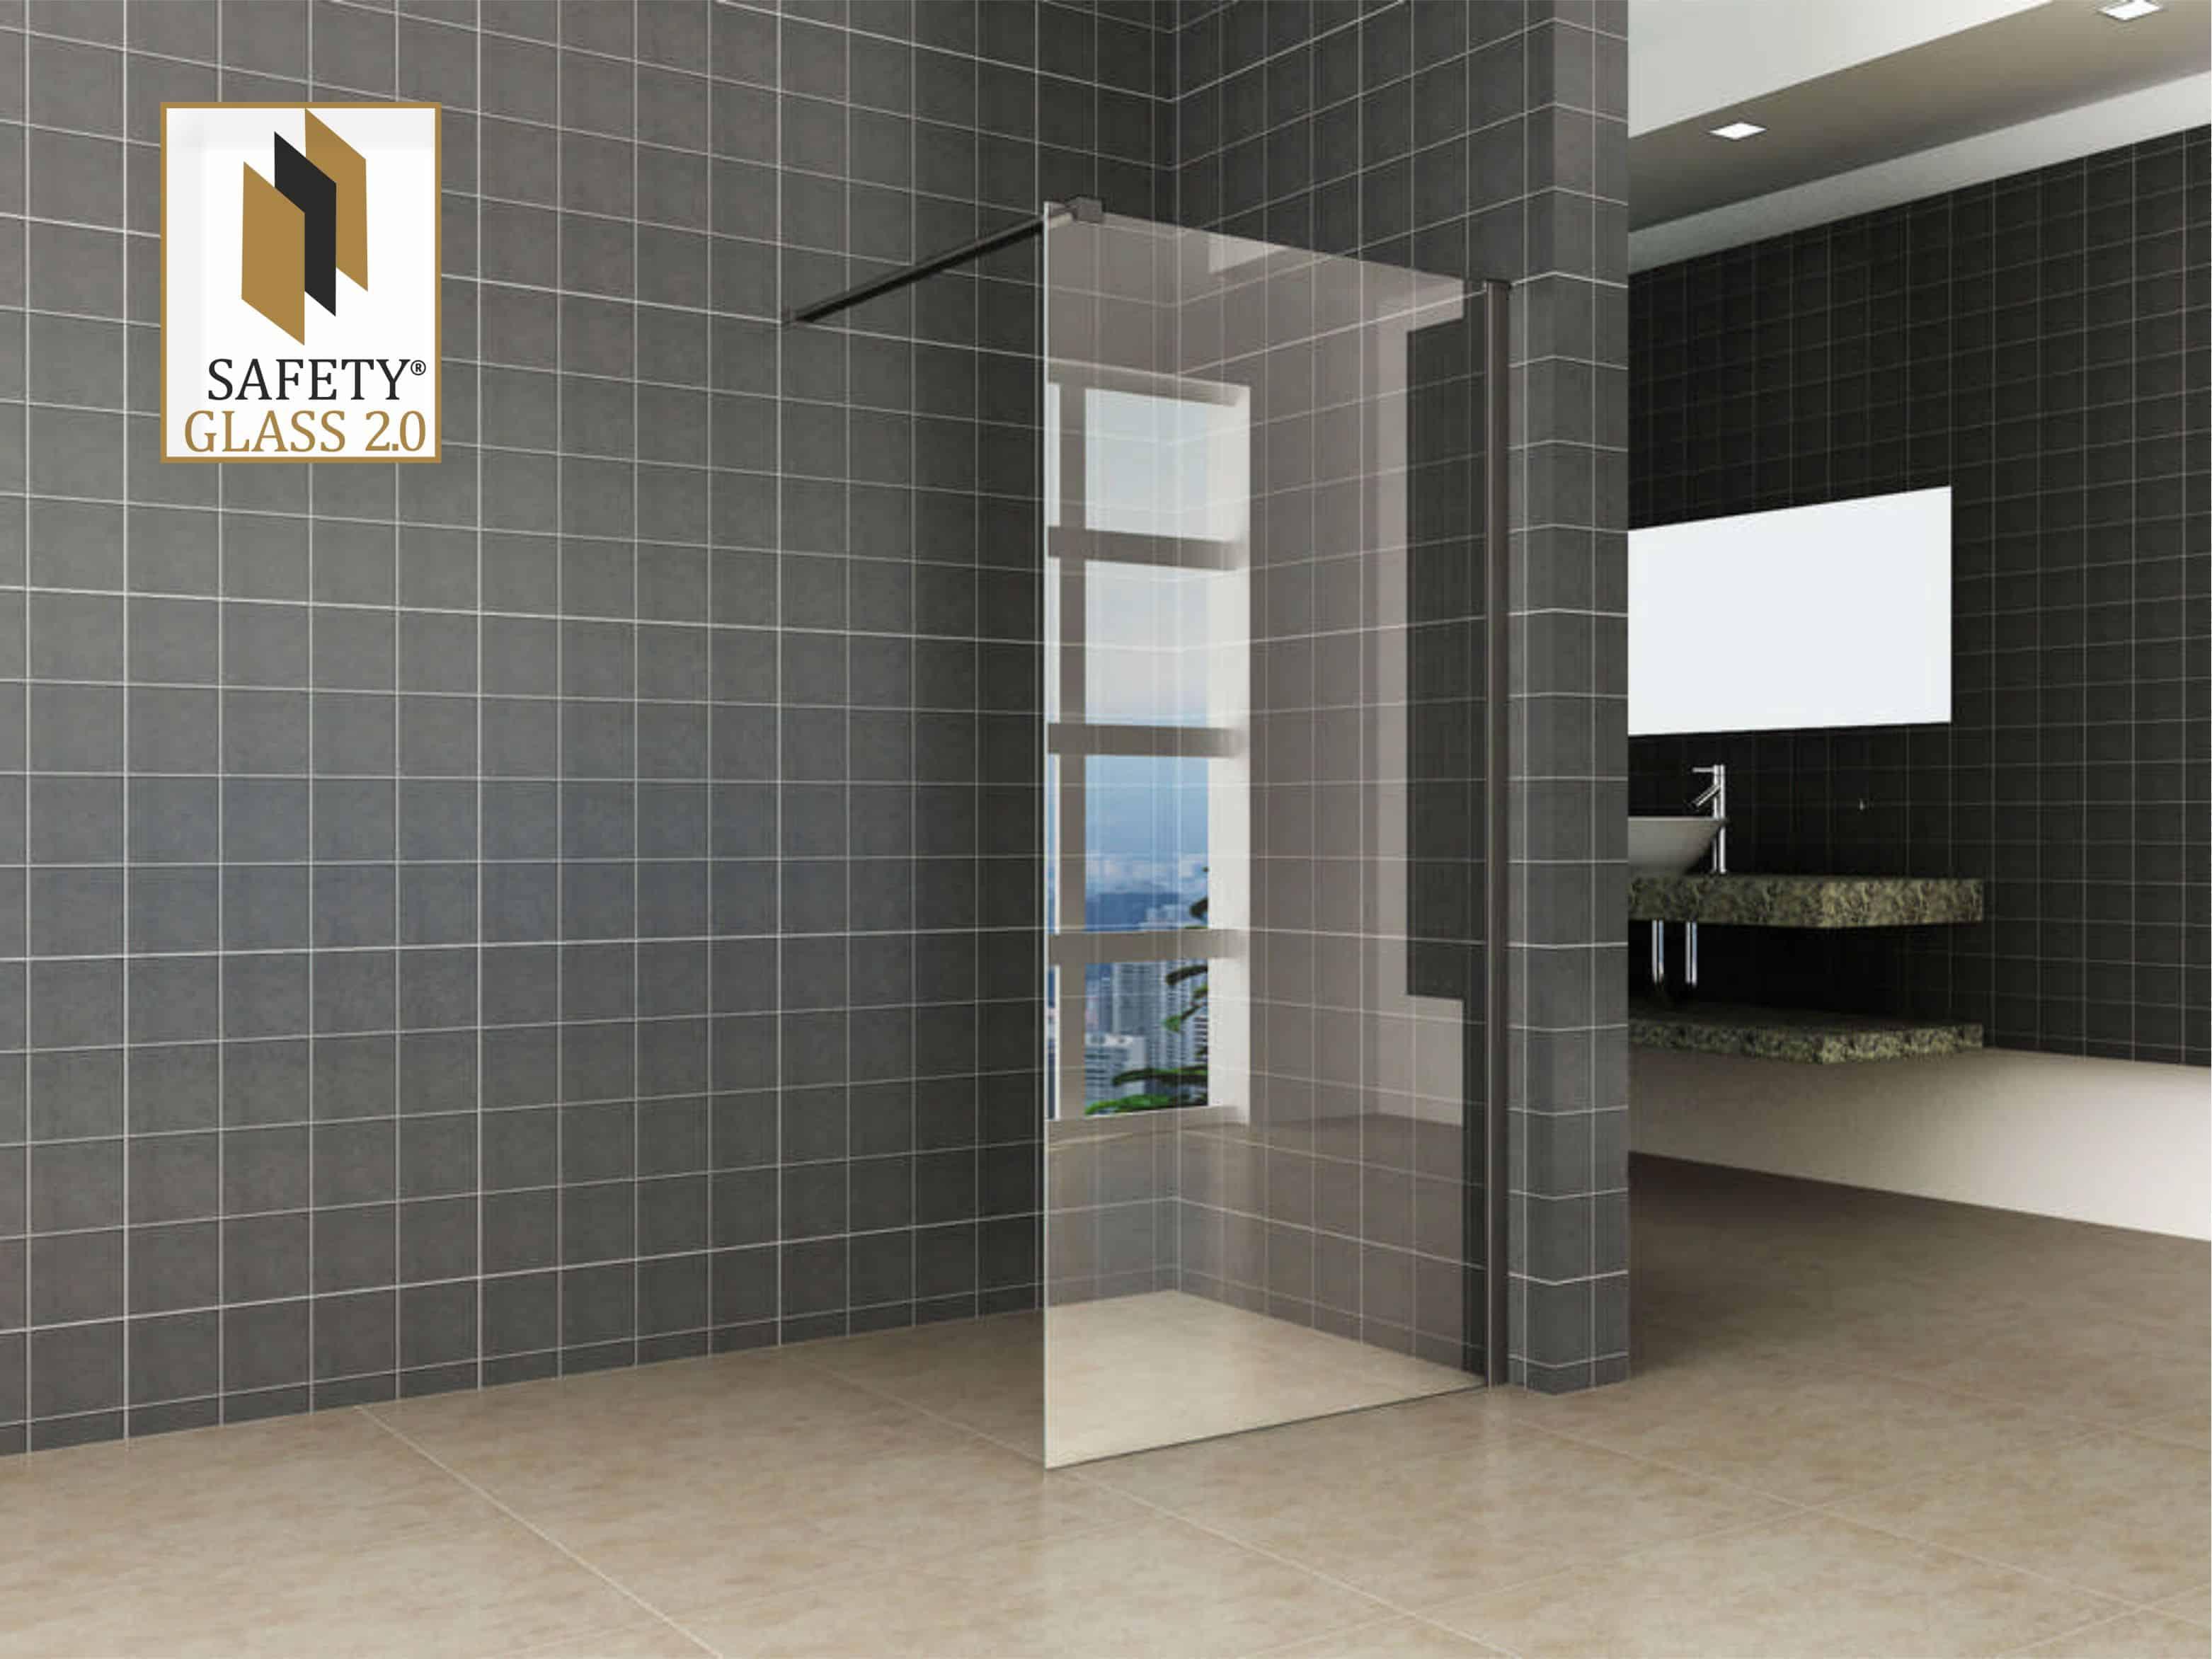 Inloopdouche Zonder Glas : Inloopdouche safety glass met zwarte profielen sanitairkiezer